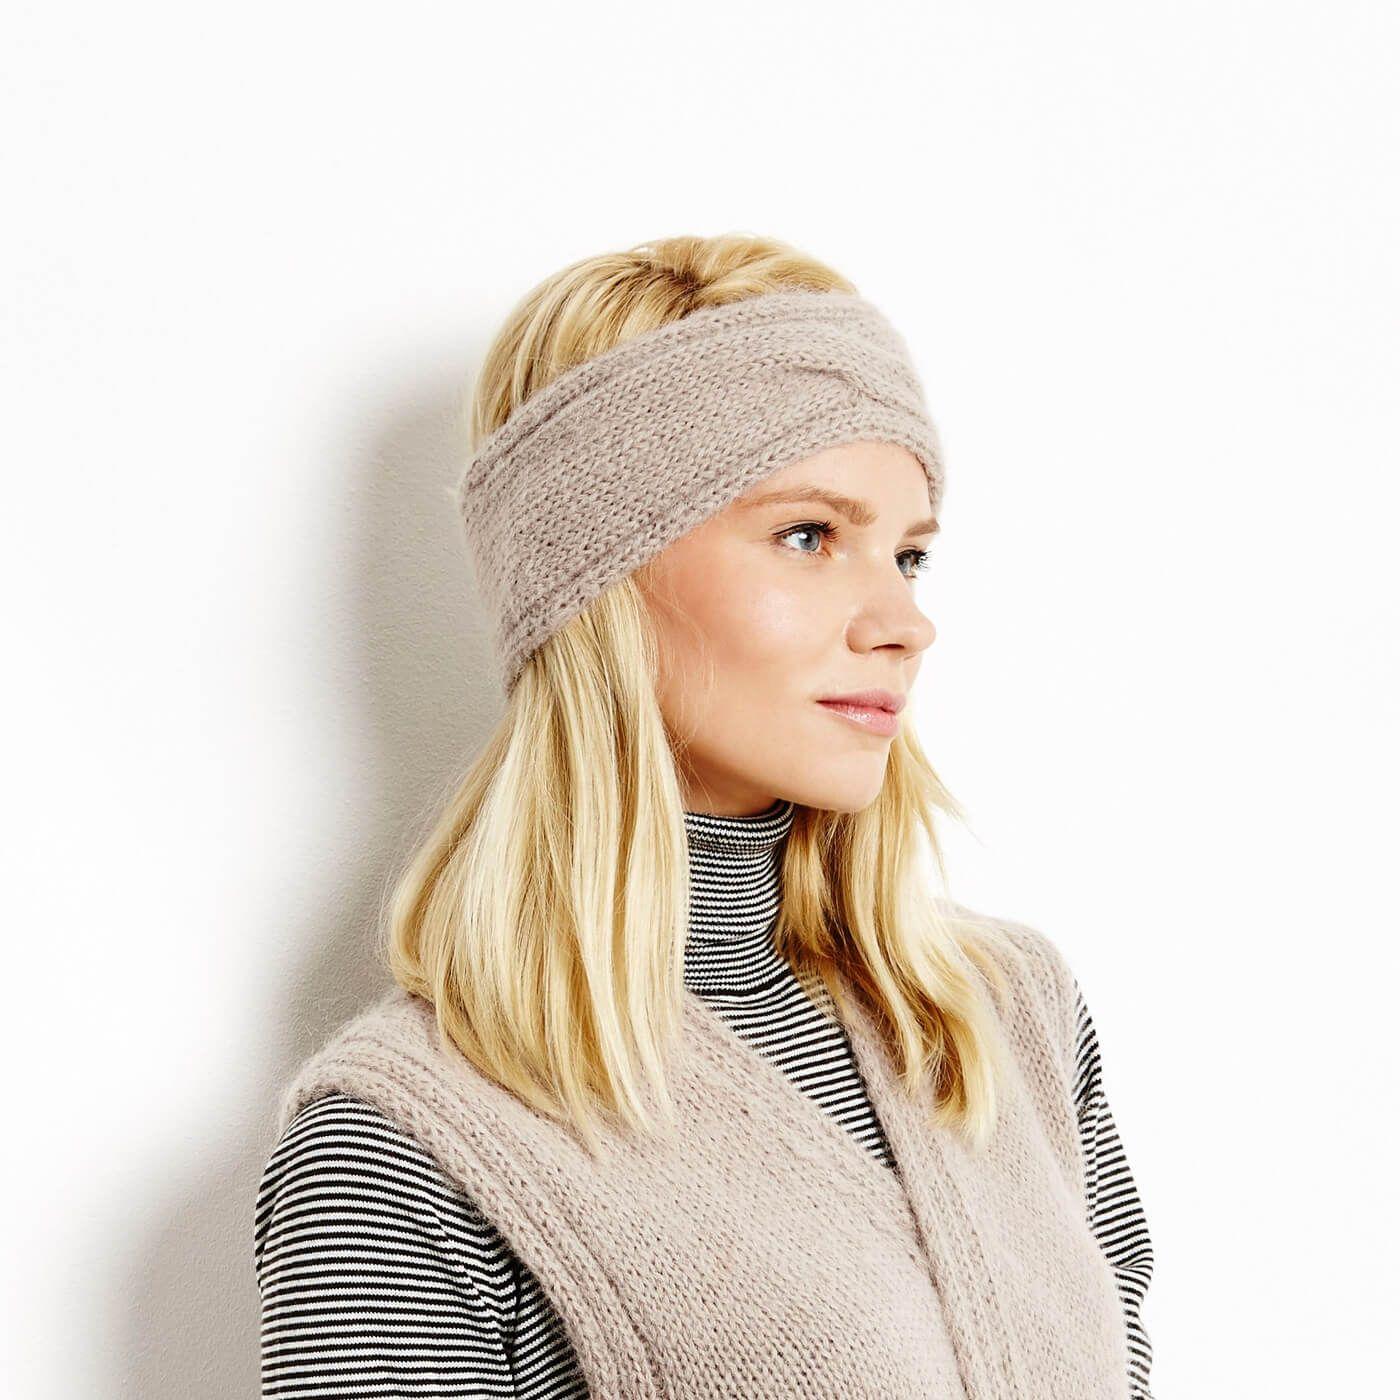 Stirnband mit Zopf - kostenlose Strickanleitung | Stricken im Herbst ...